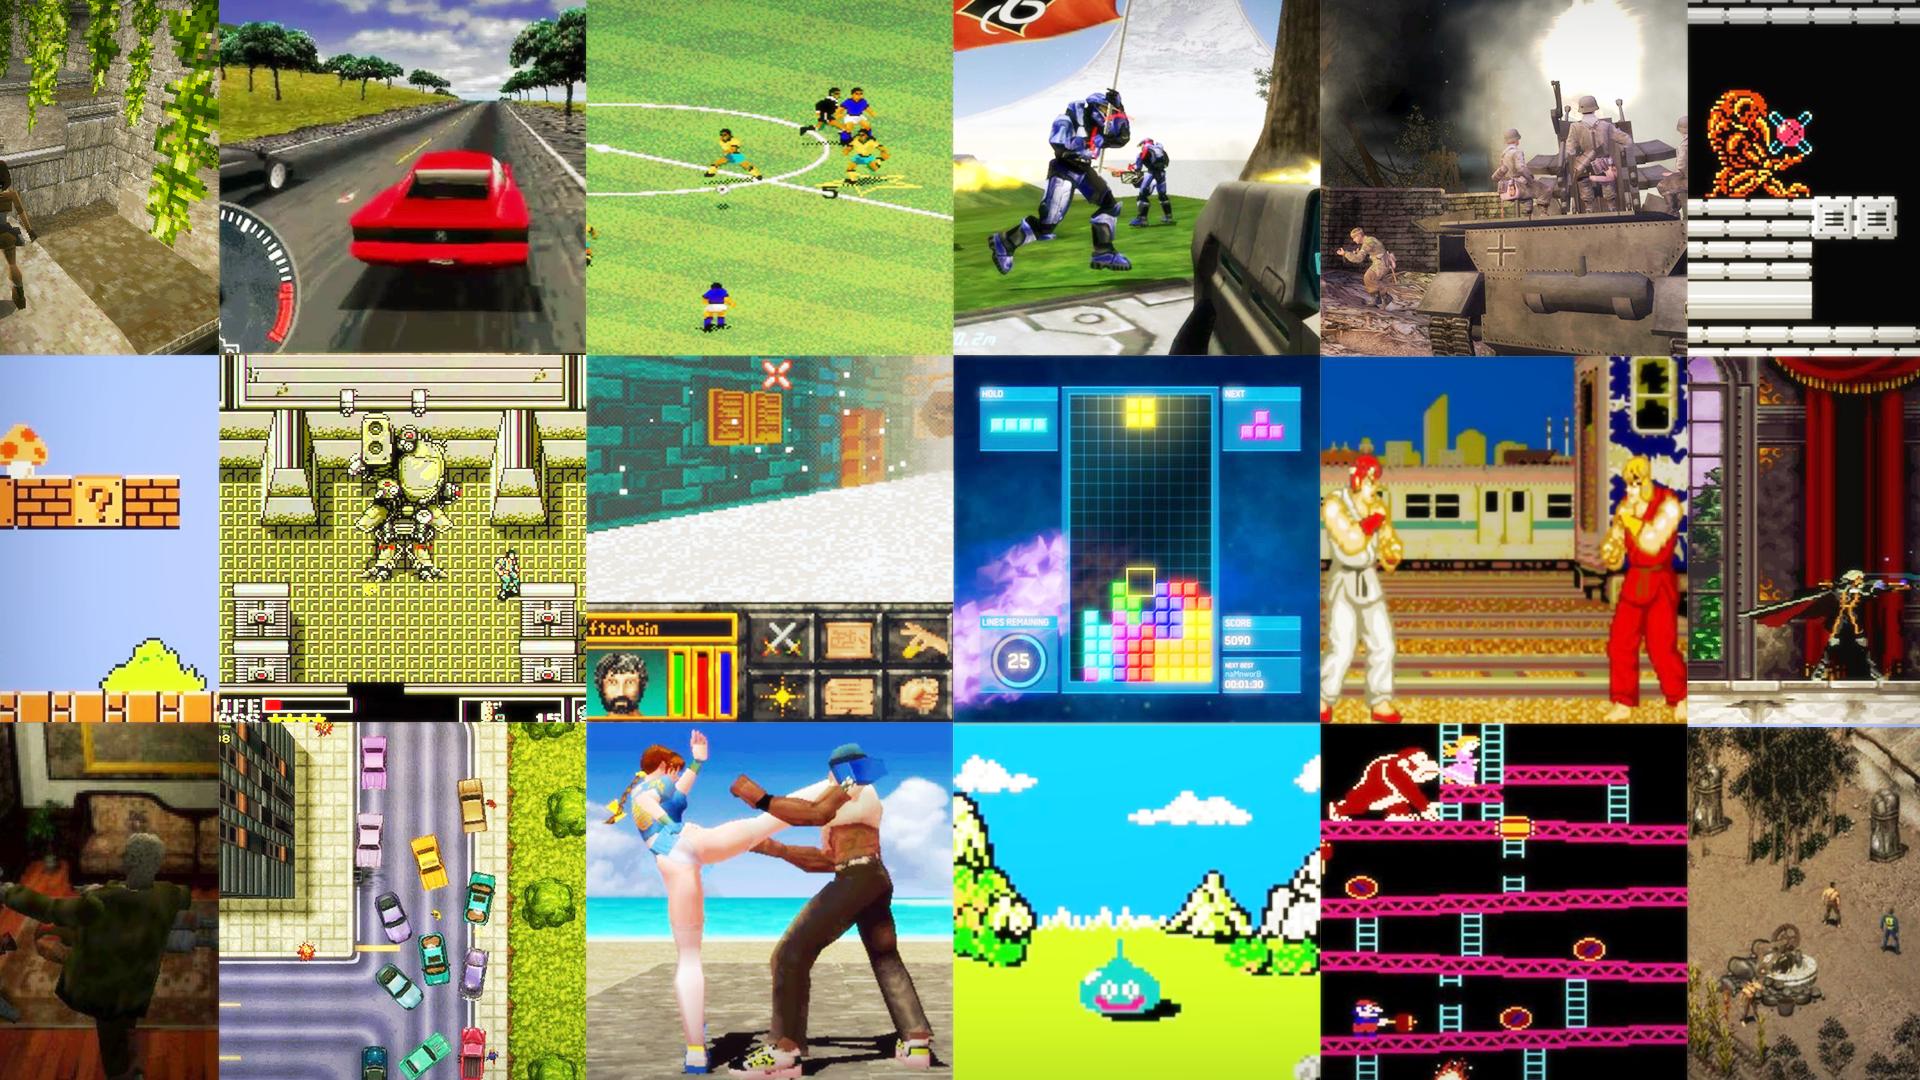 До и после: визуальная эволюция известных видеоигр - 1